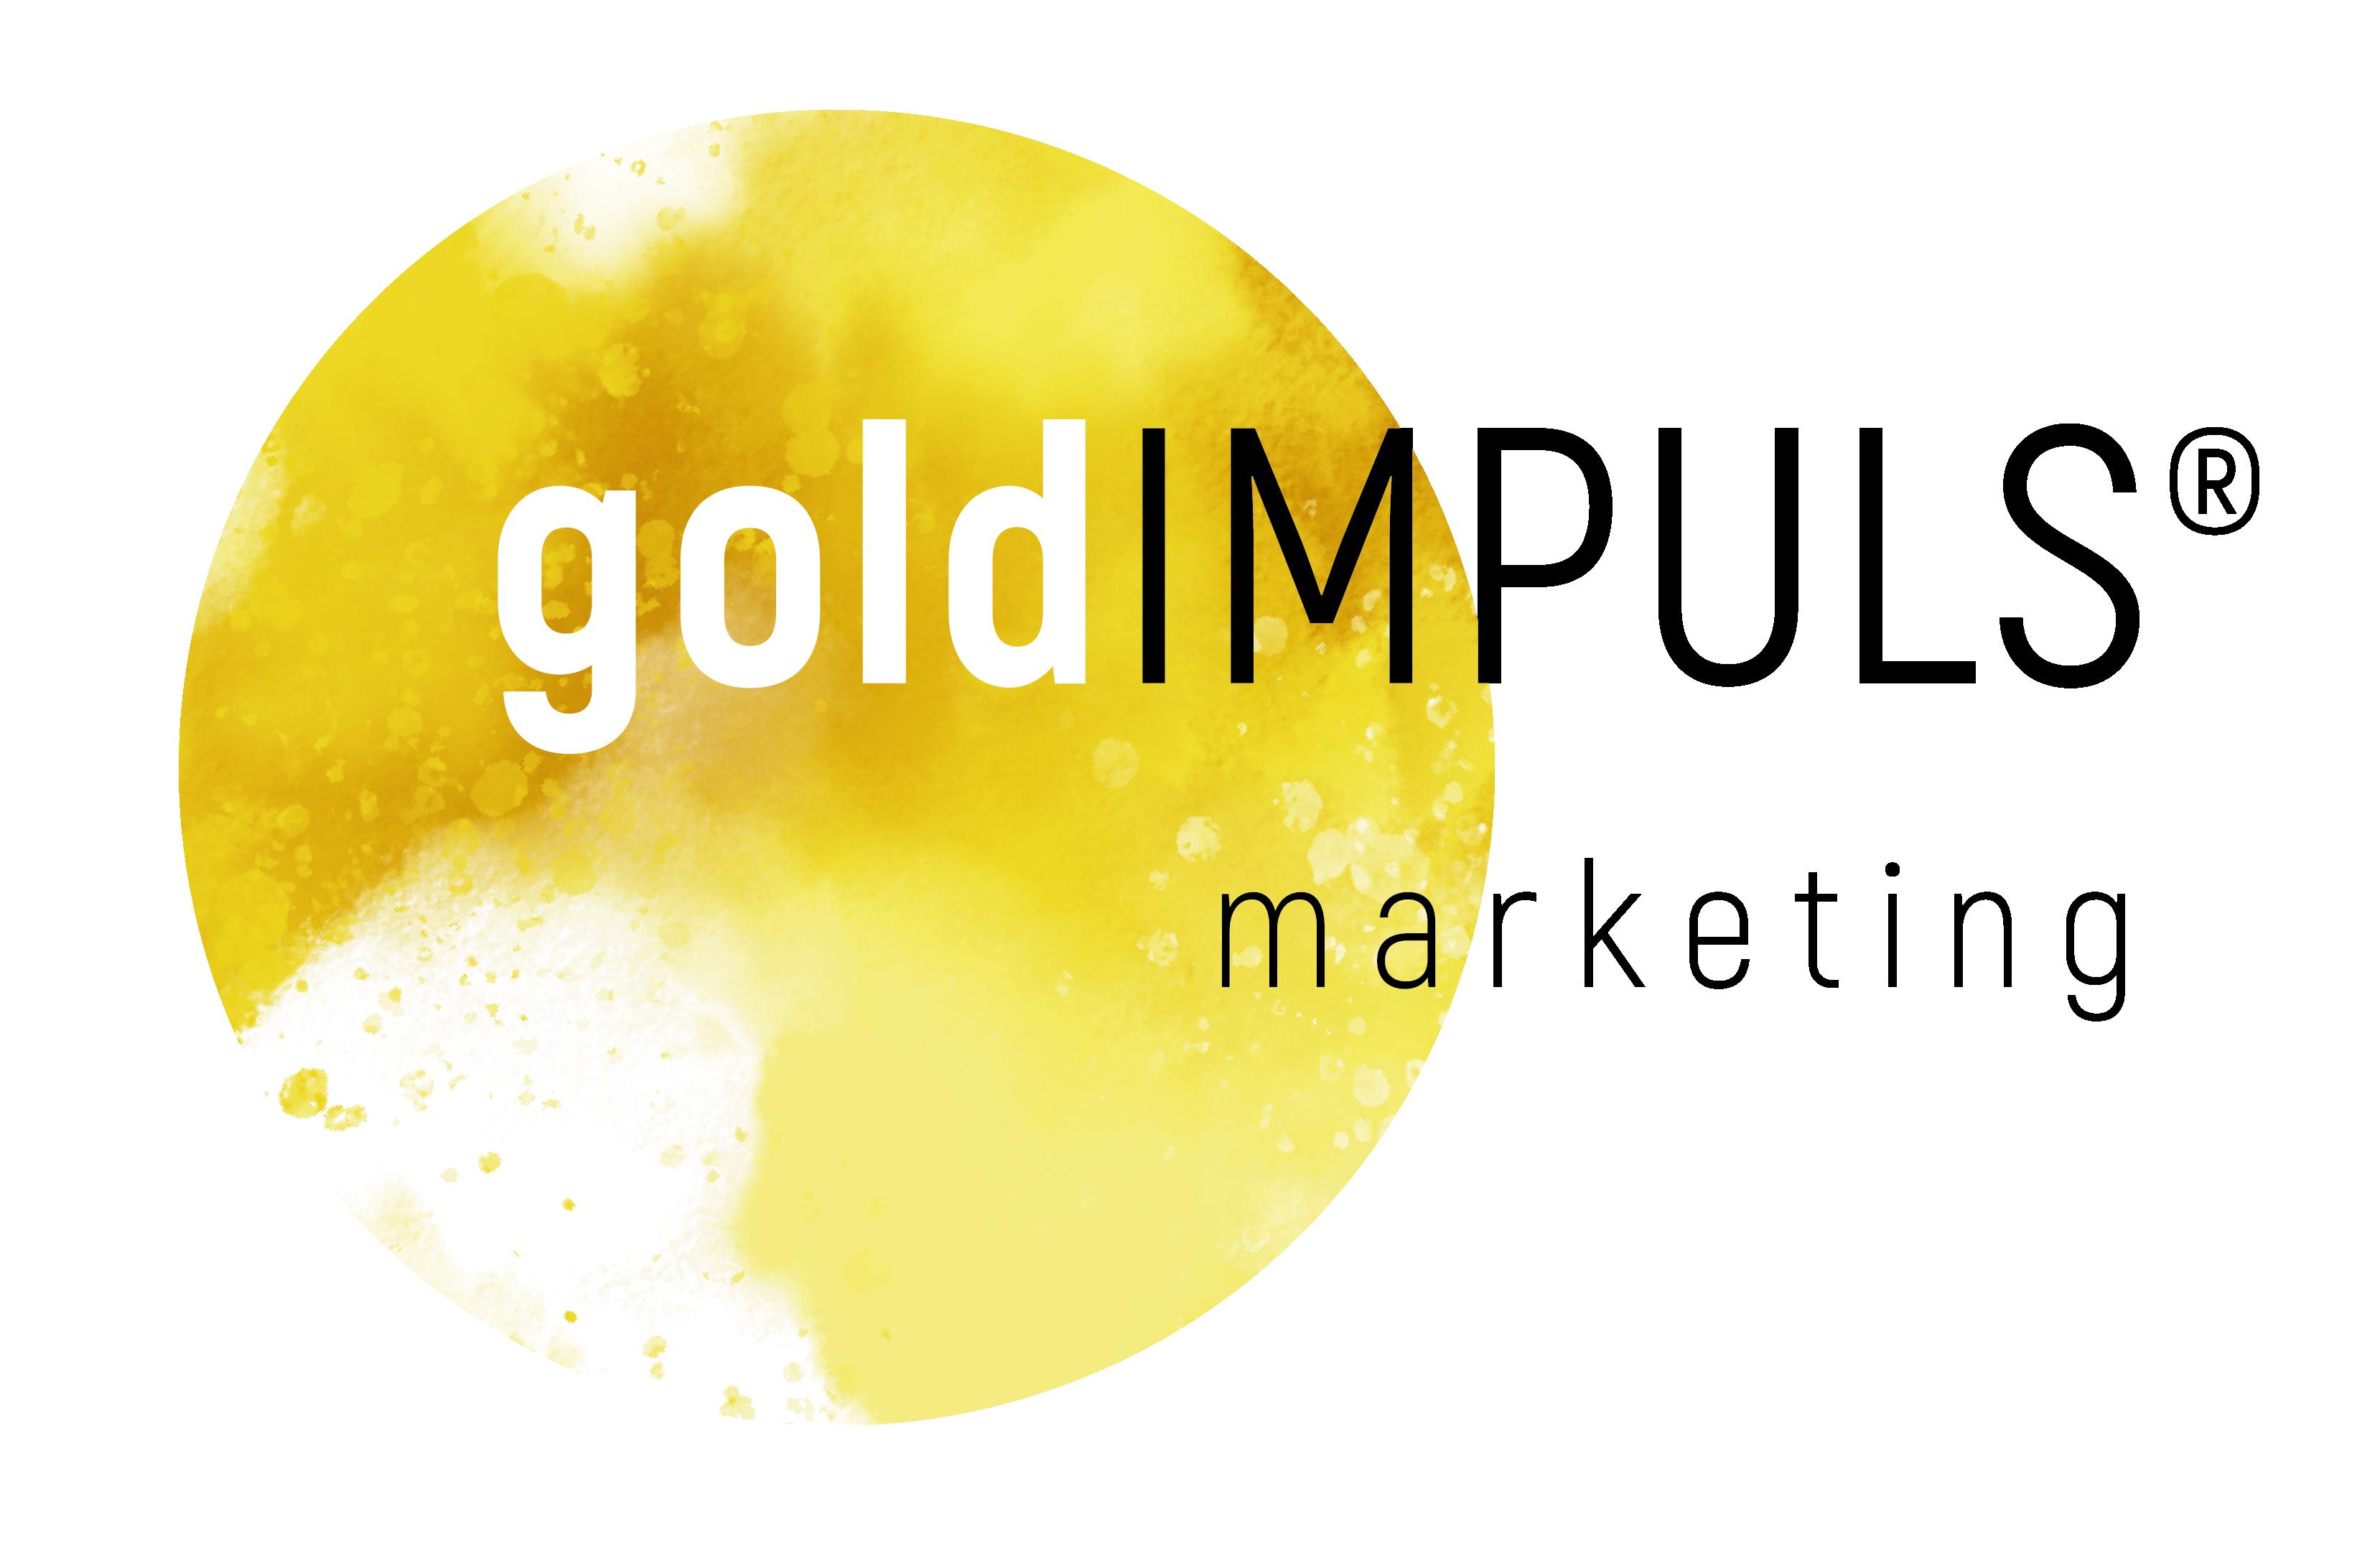 Goldimpuls